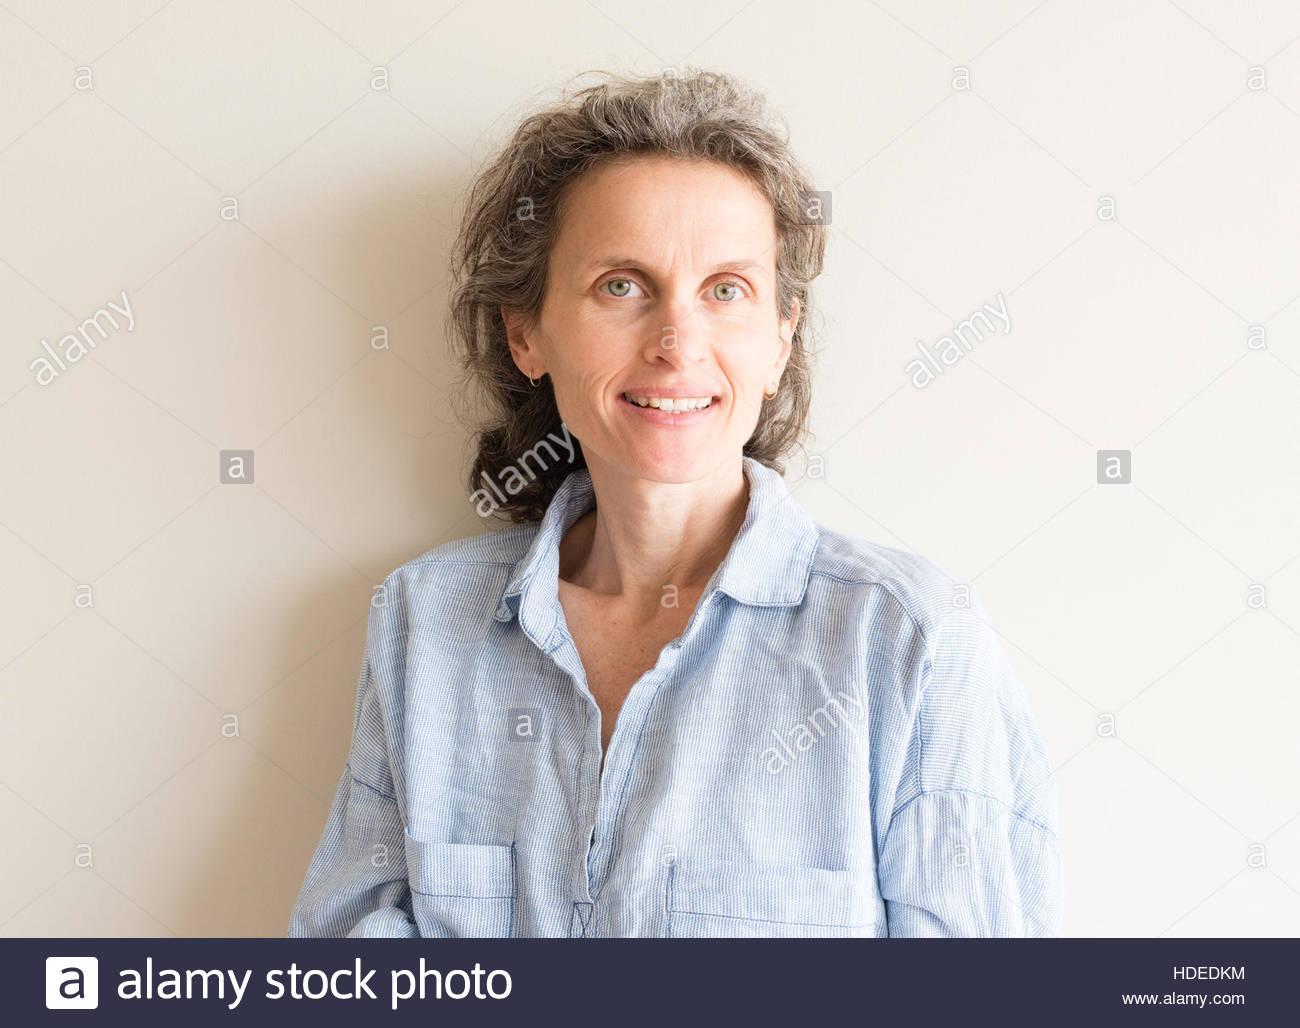 Natürlich aussehende mittlere gealterte Frau mit grauen Haaren und blauen Hemd lächelnd Stockbild